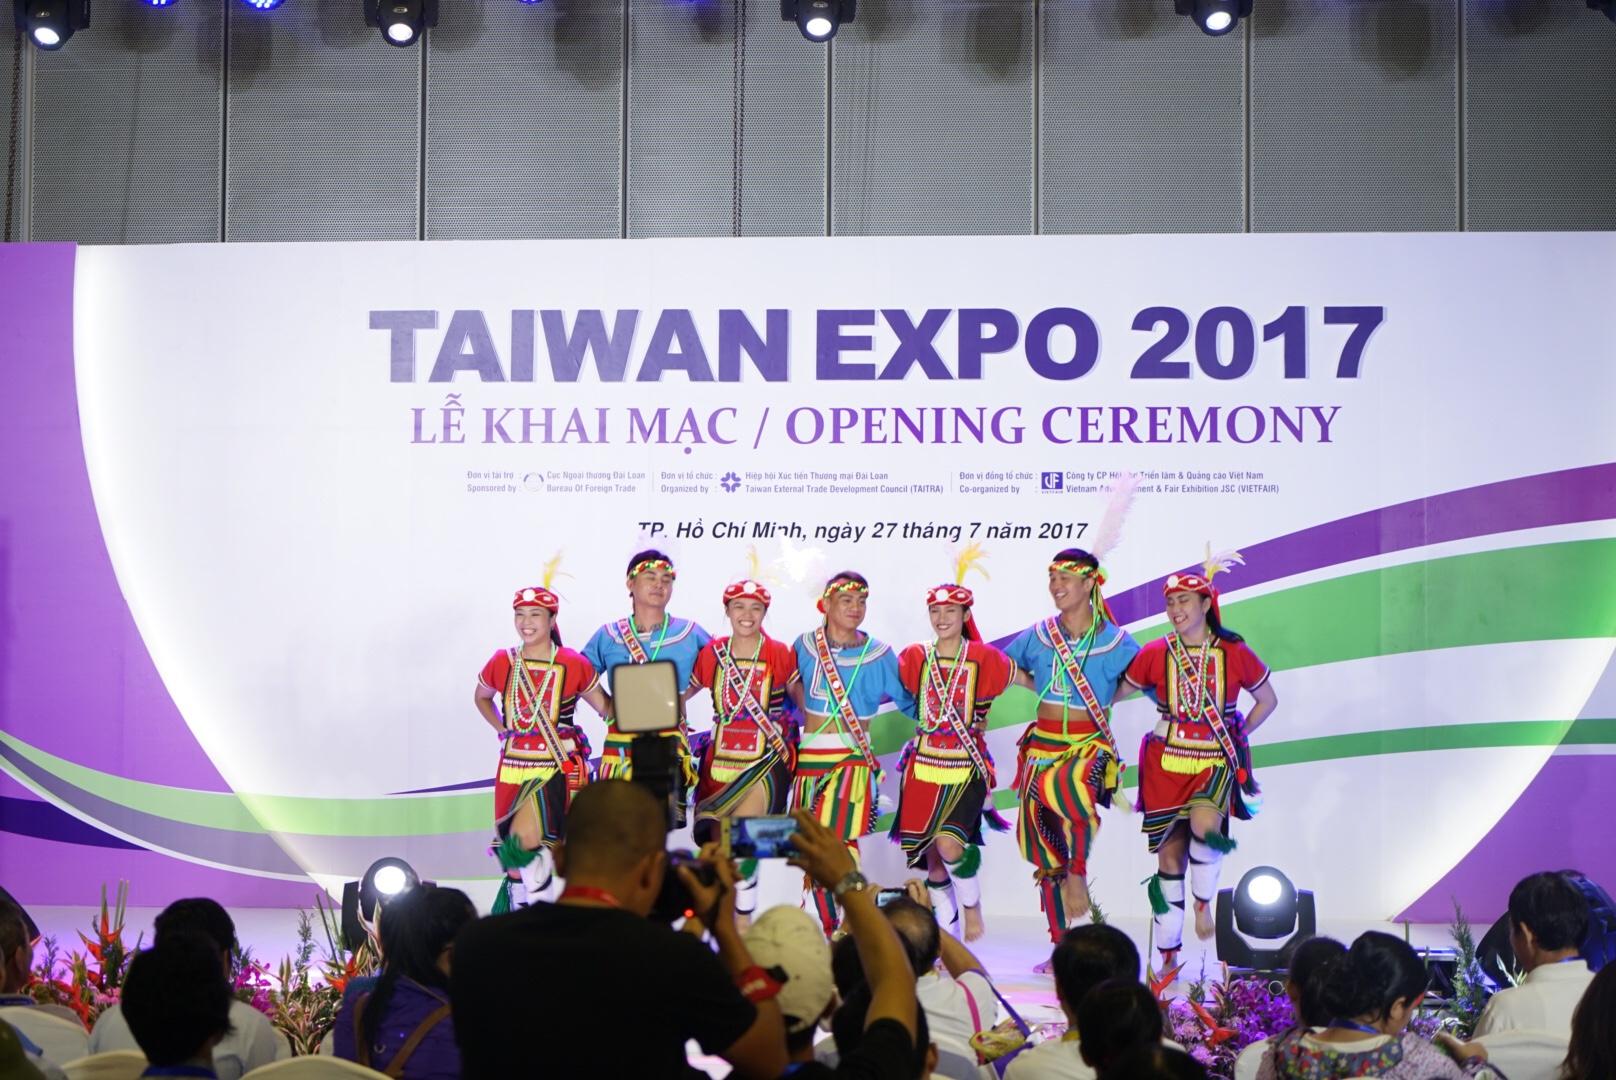 Tokuyo đồng hành cùng chiến dịch Taiwan Expo 2017 tại SECC, Q7, TP.HCM